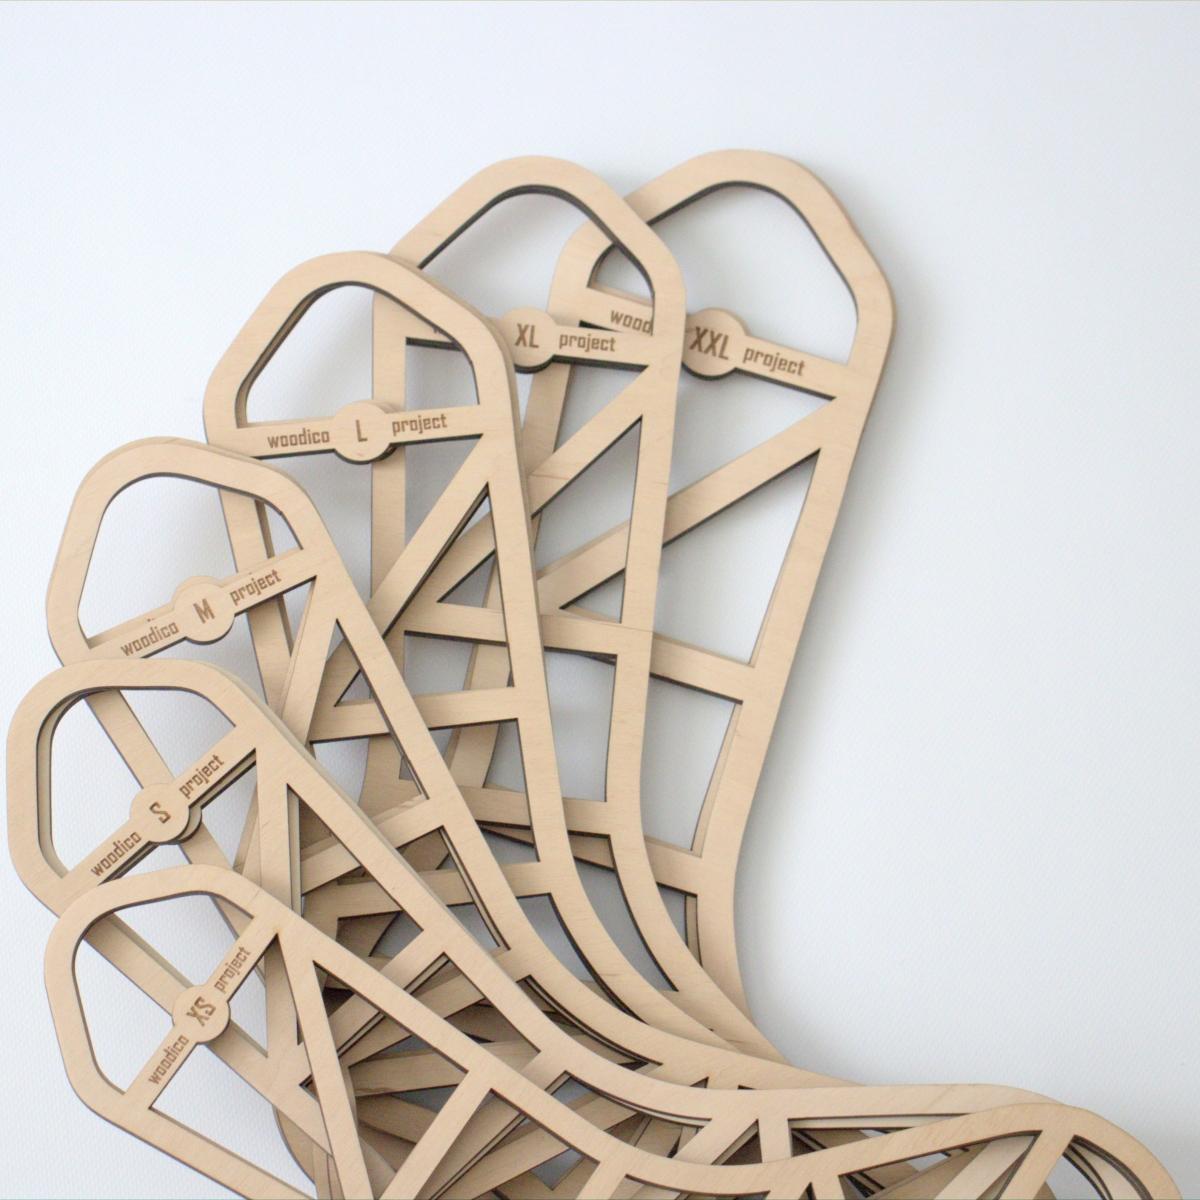 woodico.pro wooden sock blockers zen 5 1200x1200 - Wooden sock blockers / Zen